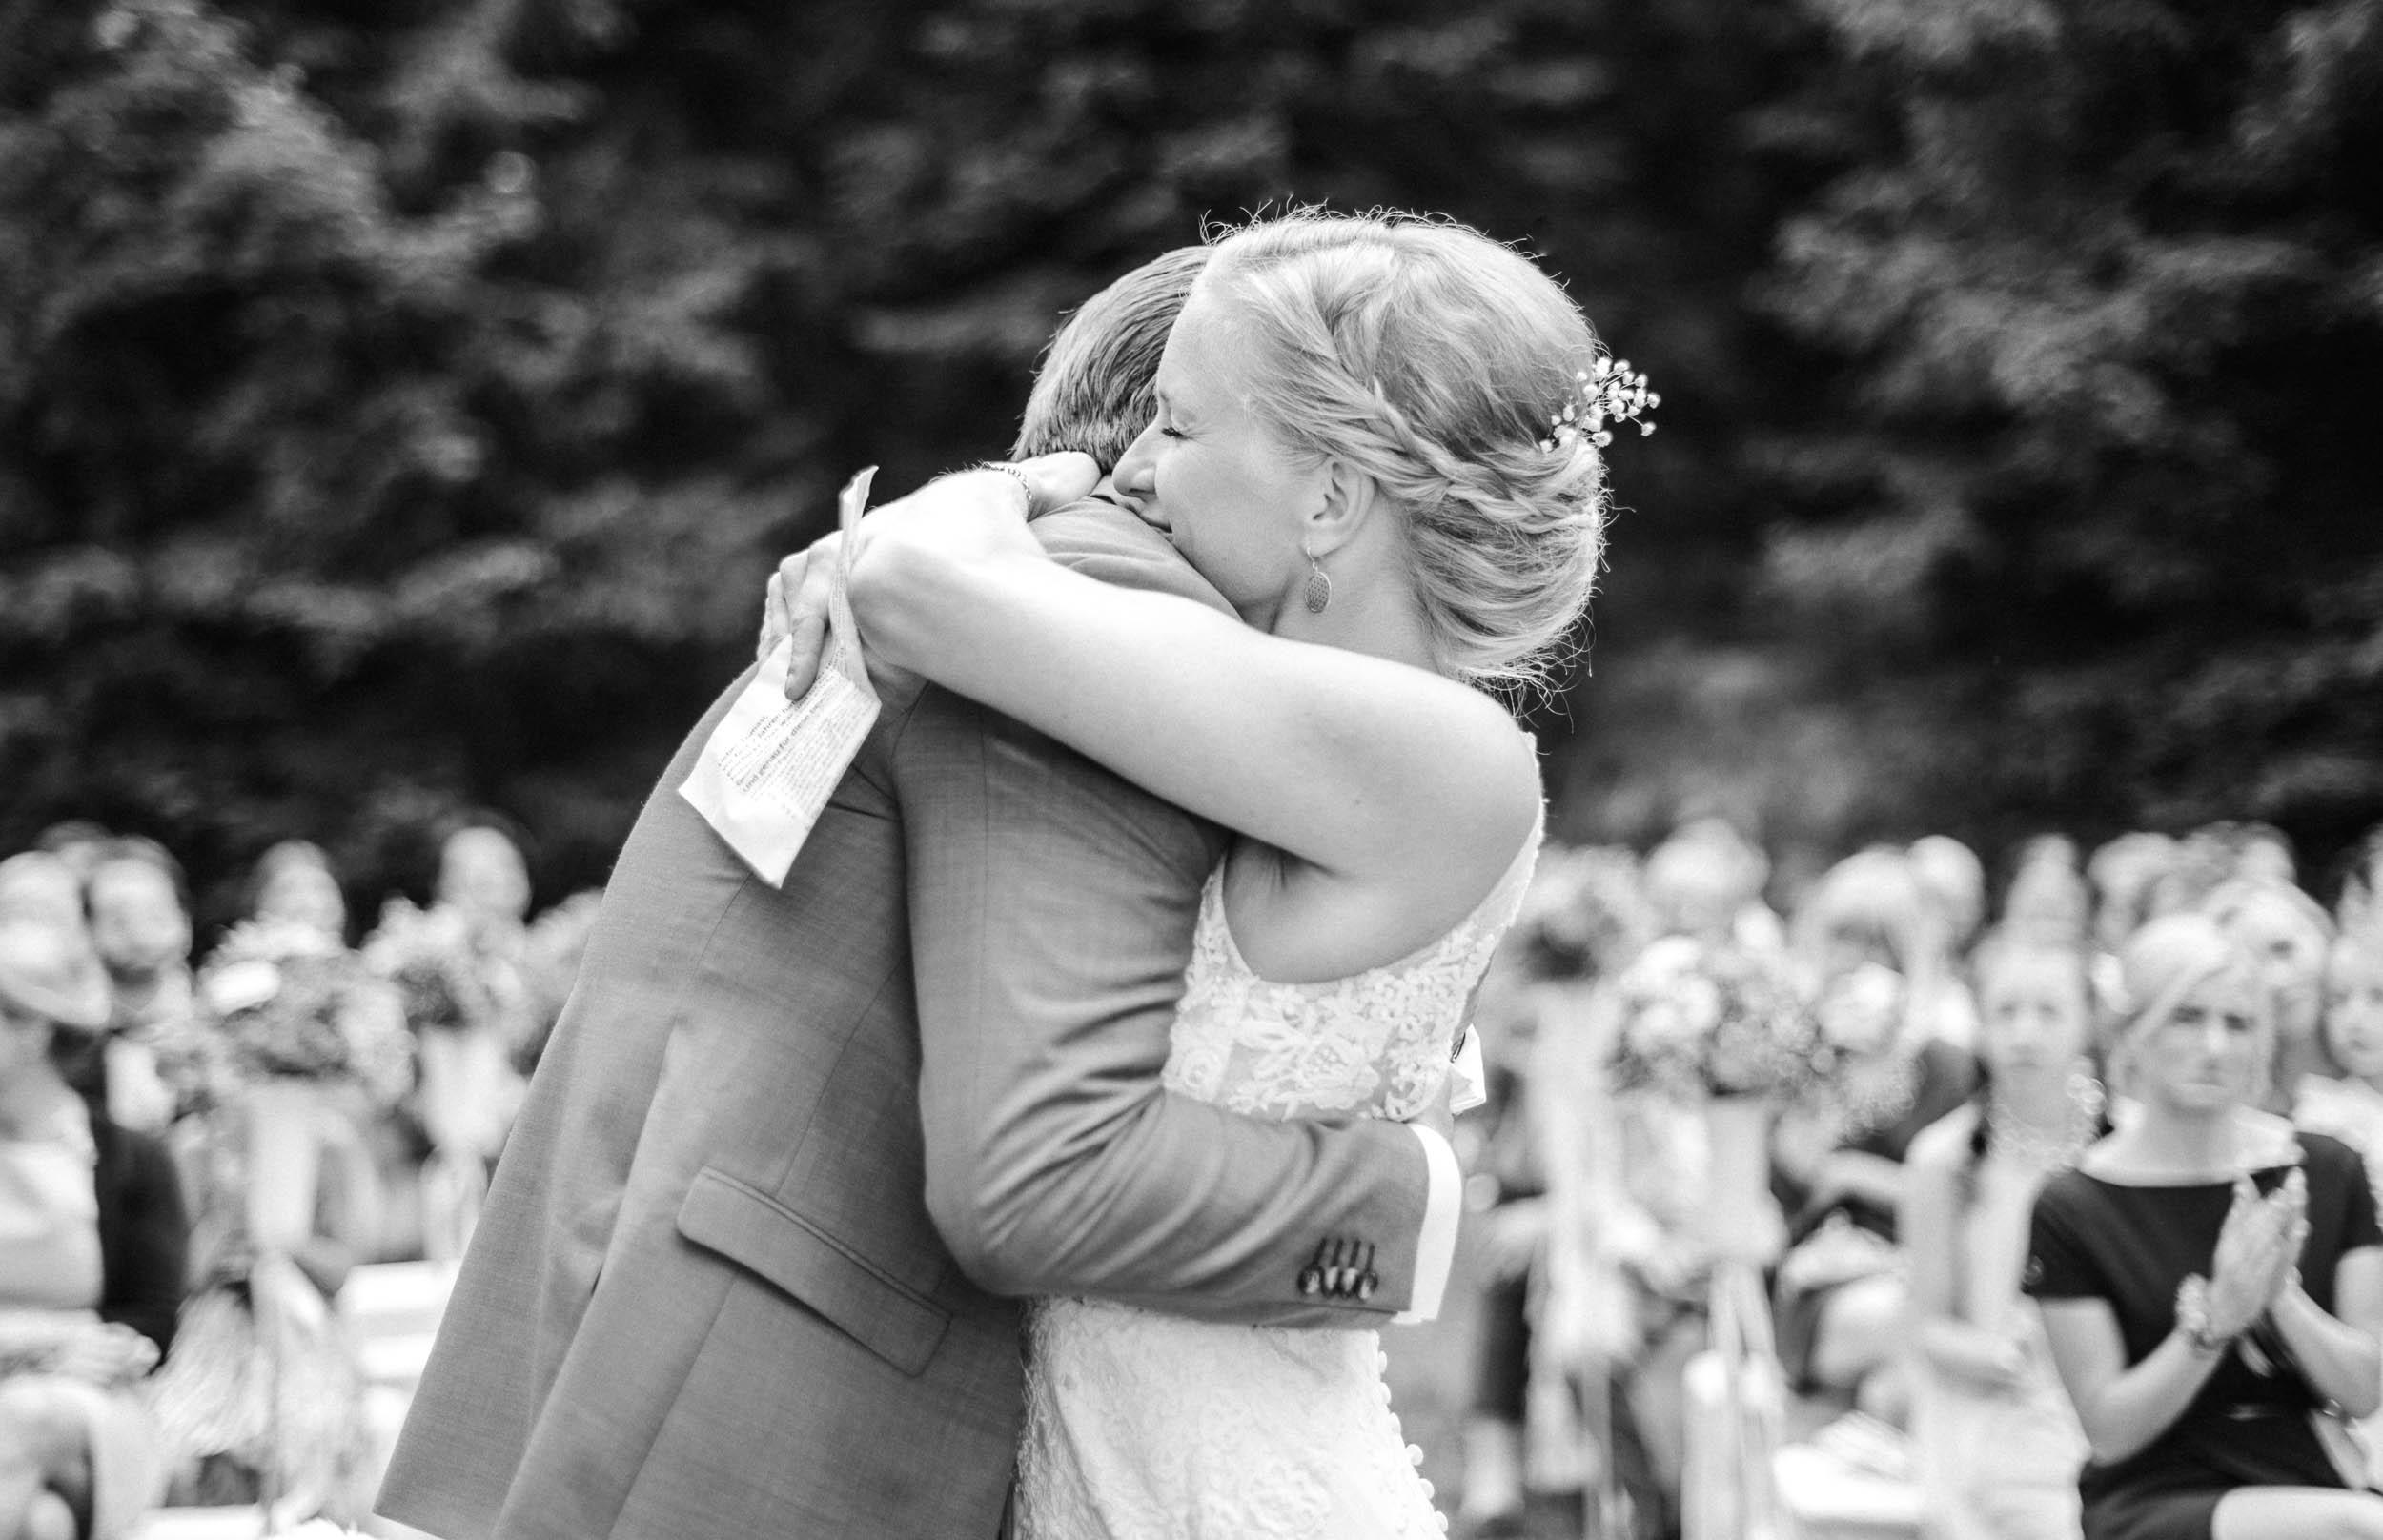 Veronika Anna Fotografie Naturliche Hochzeitsfotografie